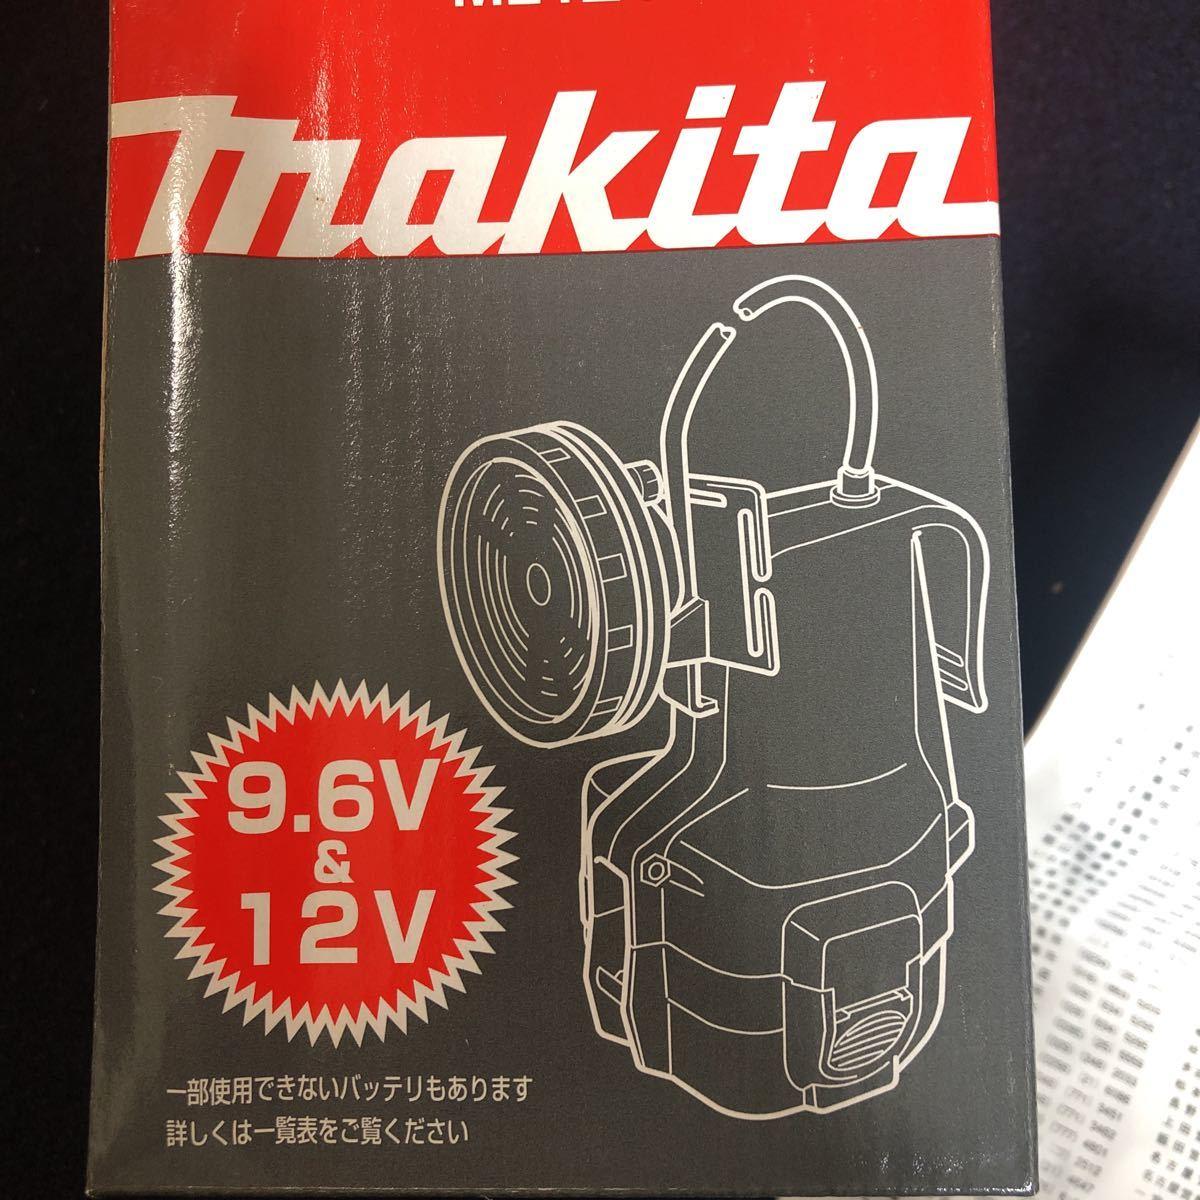 マキタ 充電式ヘッドライト ML121 充電式 9.6V 12V  makita_画像6